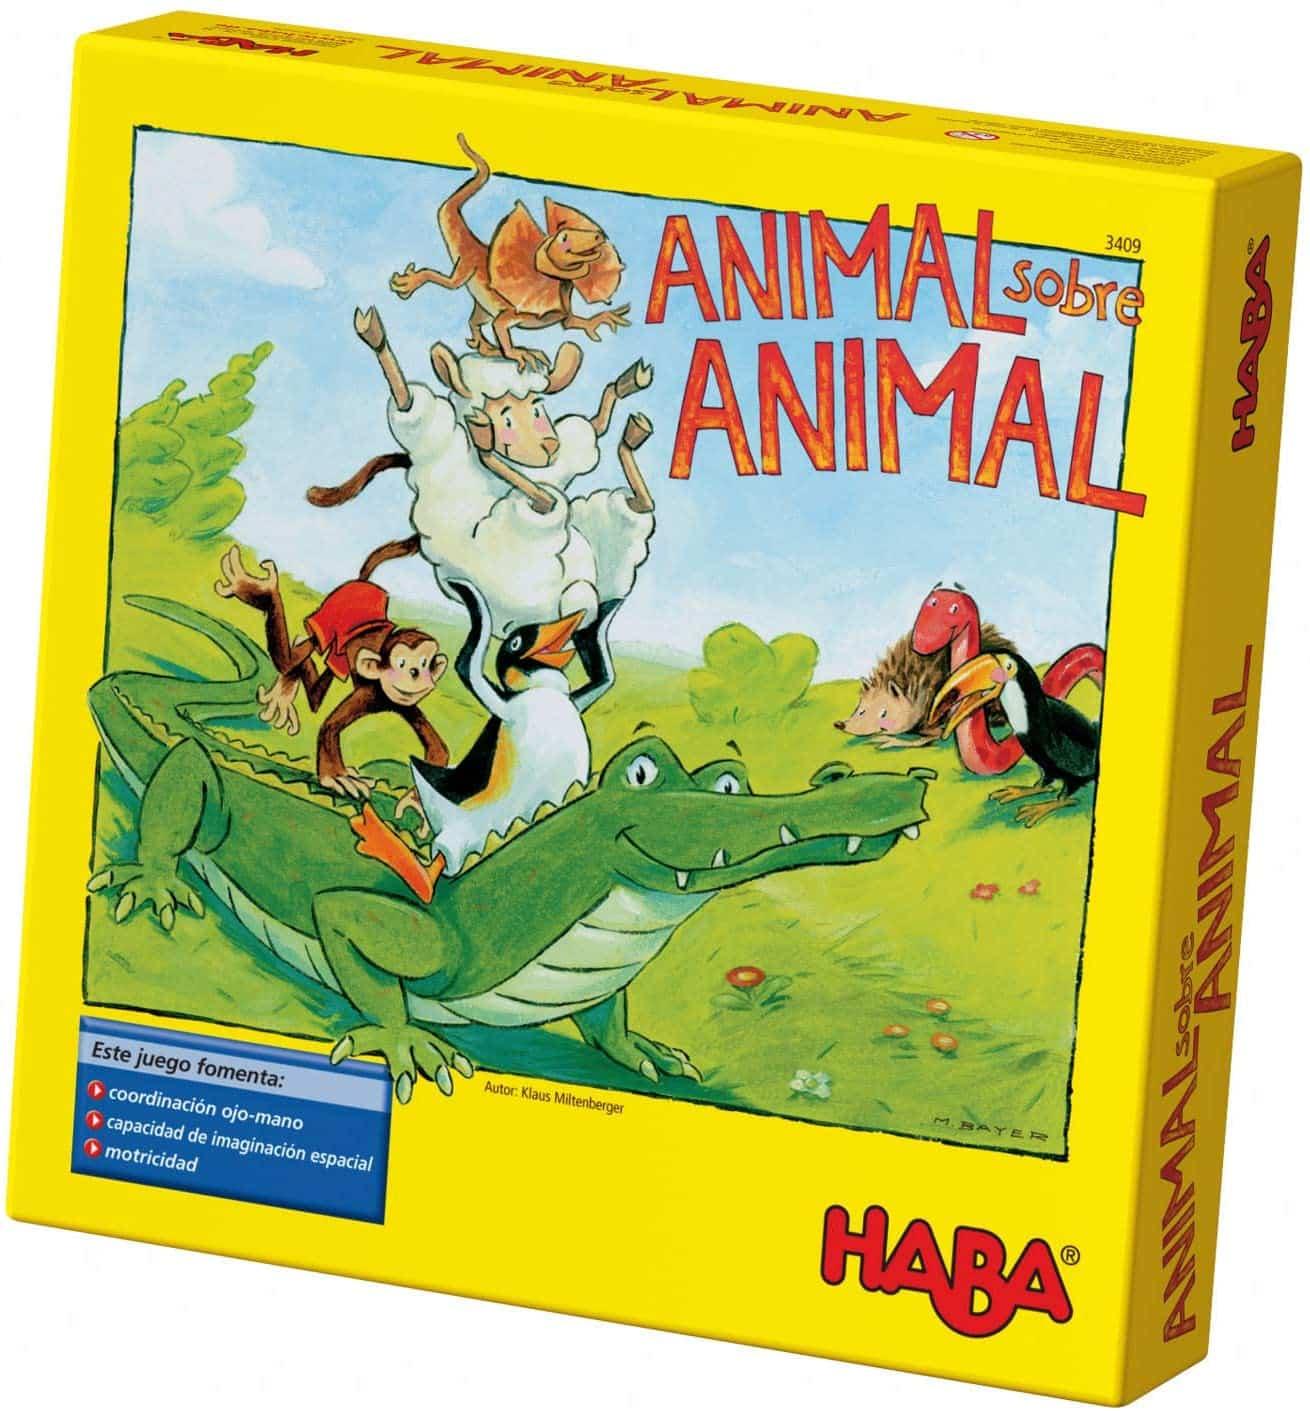 Juego de mesa para apilar objetos Animal sobre Animal